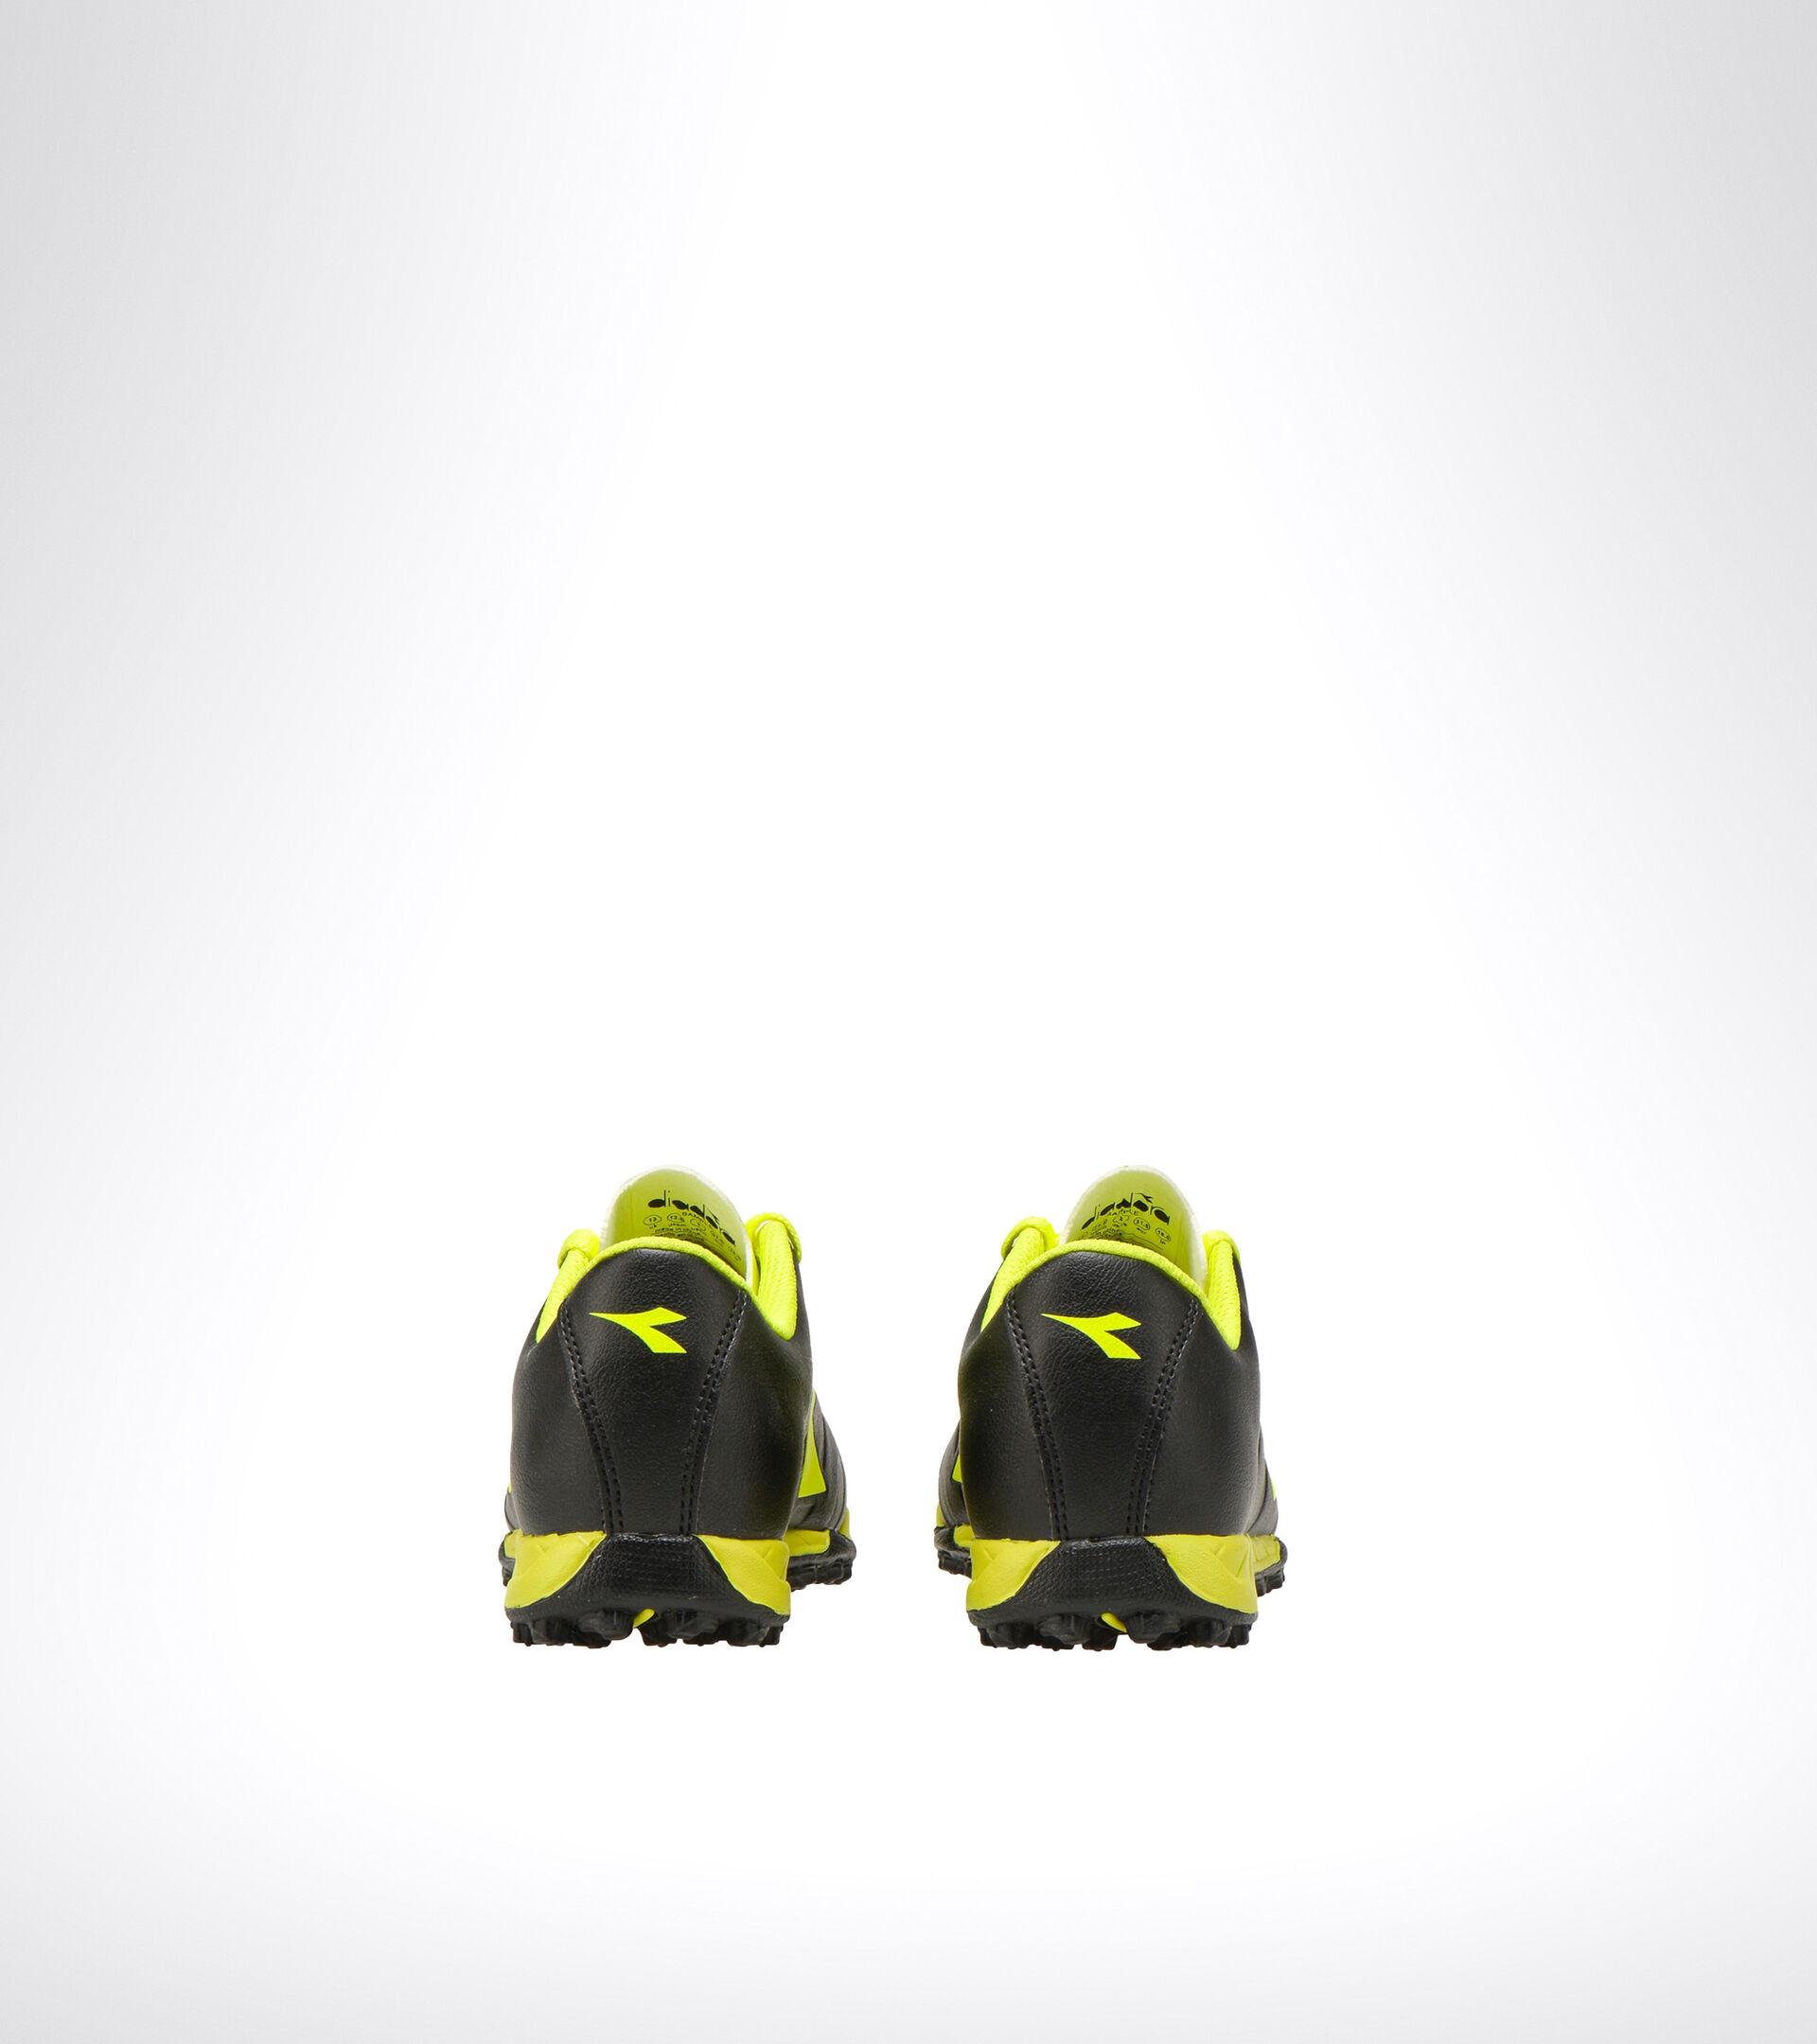 Footwear Sport BAMBINO PICHICHI 3 TF JR NERO/GIALLO FLUO DIADORA Diadora